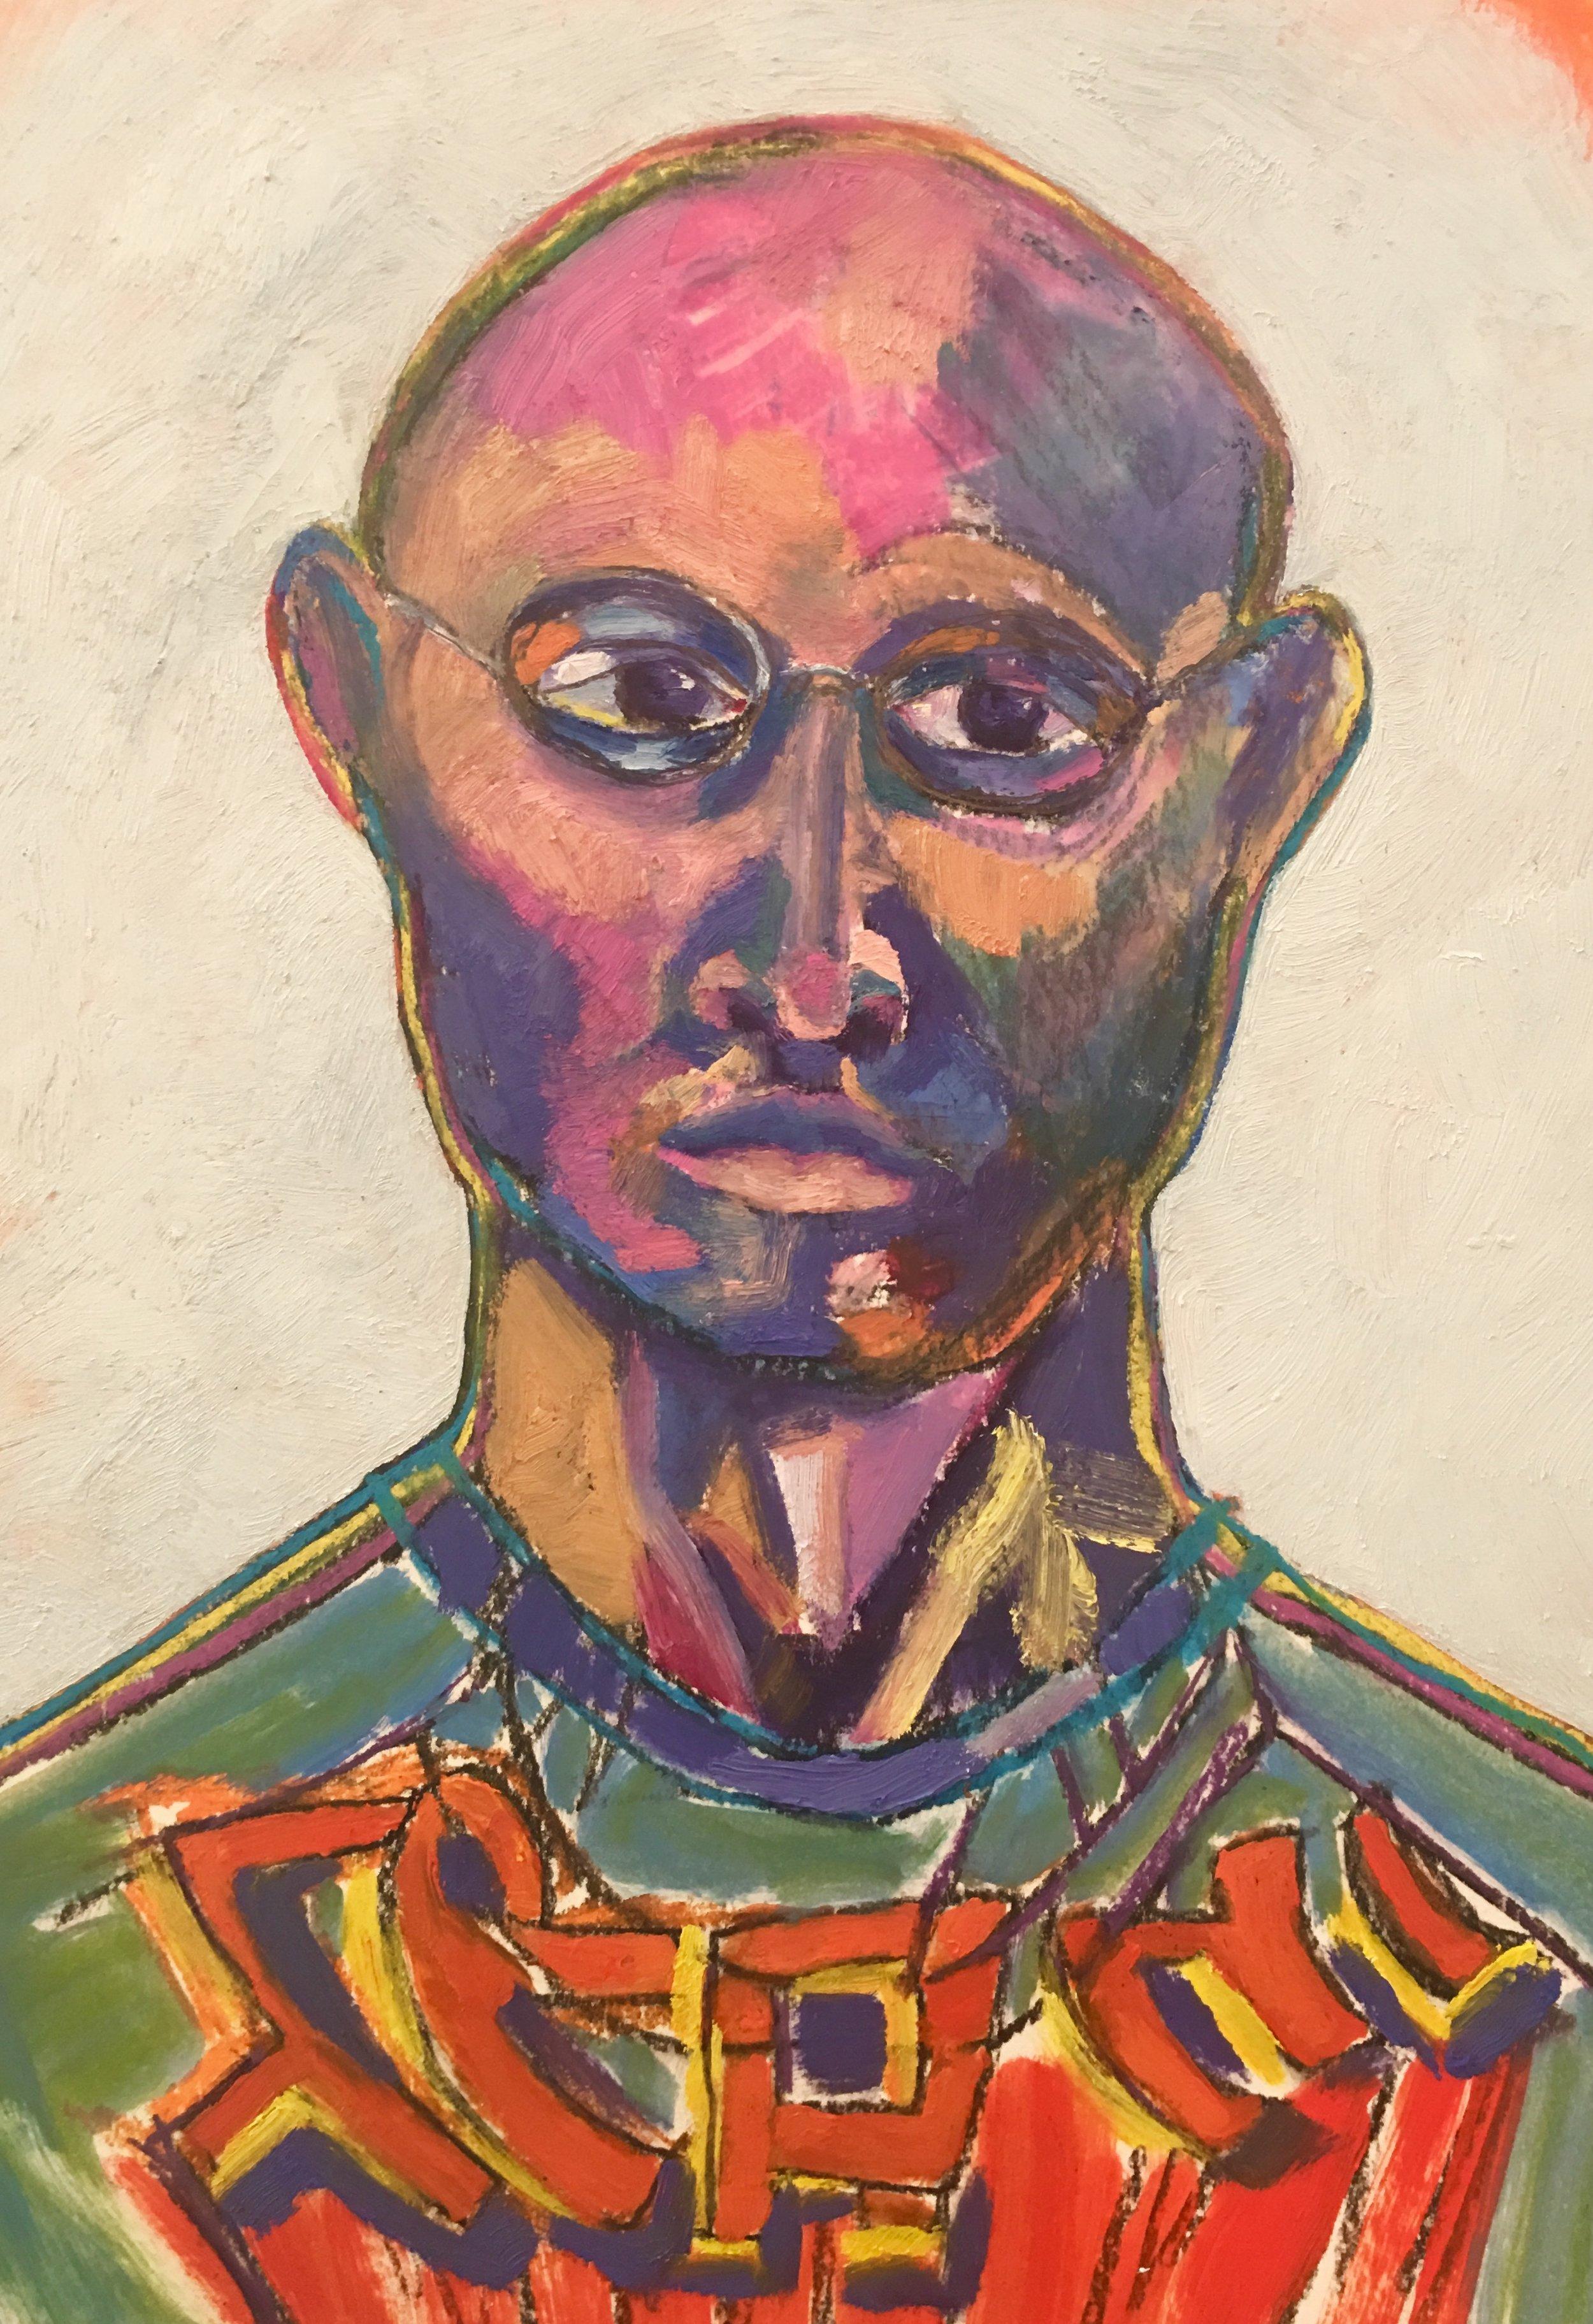 Luke Reichle Self-Portrait